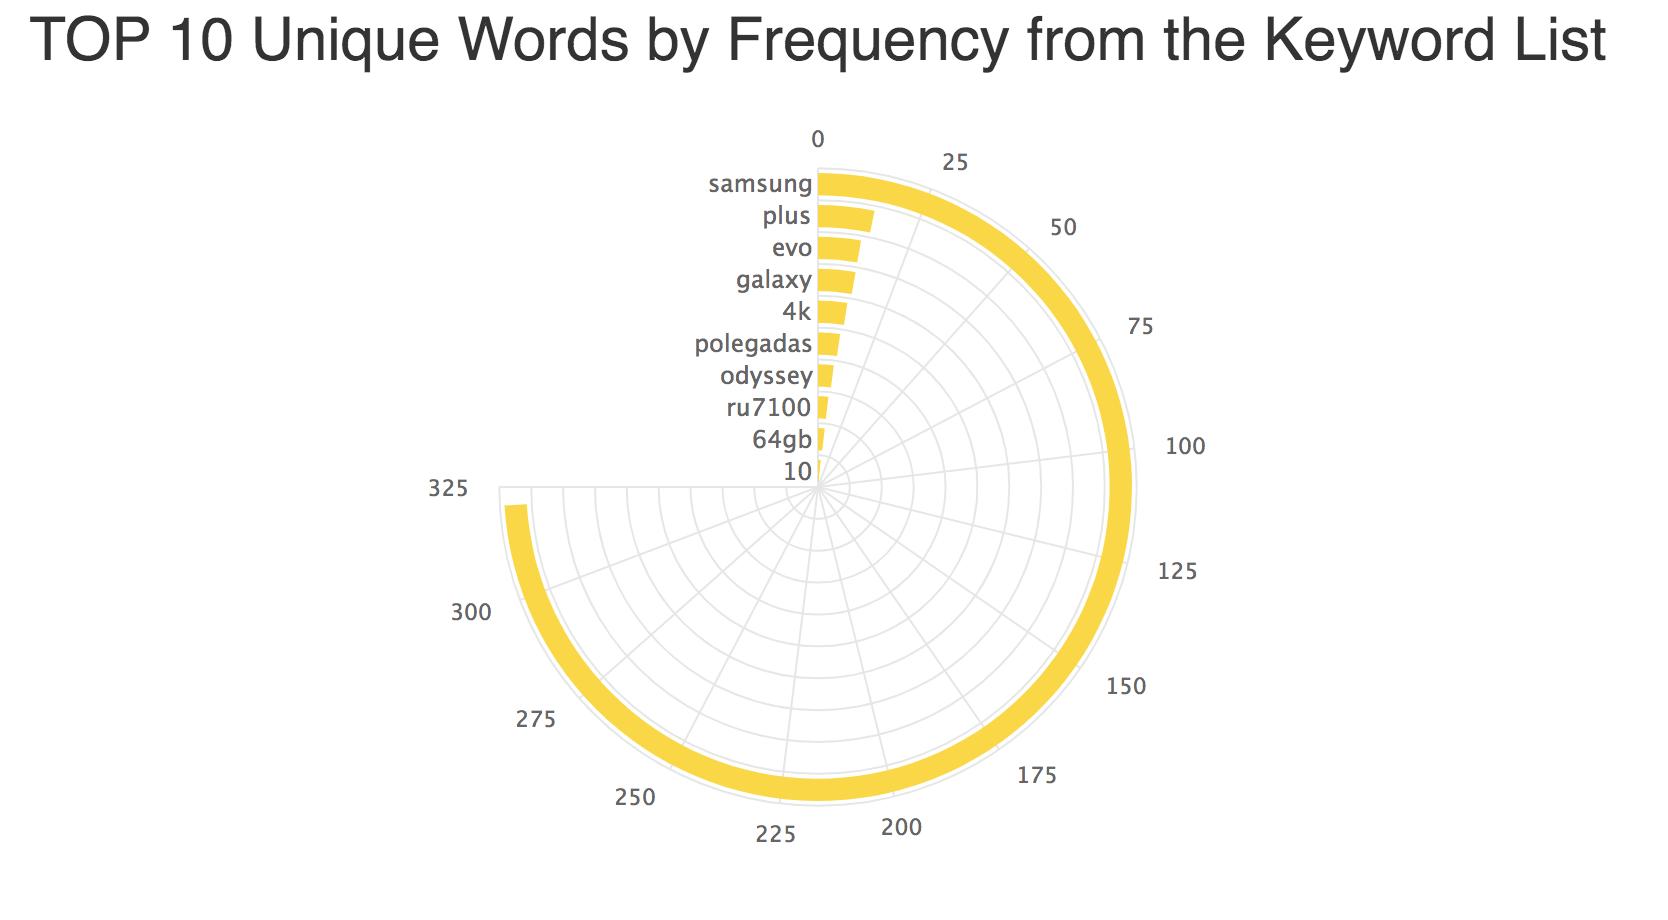 12 Melhores Ferramentas Gratuitas de Pesquisa de Palavras-chave para 2020. Imagem 9